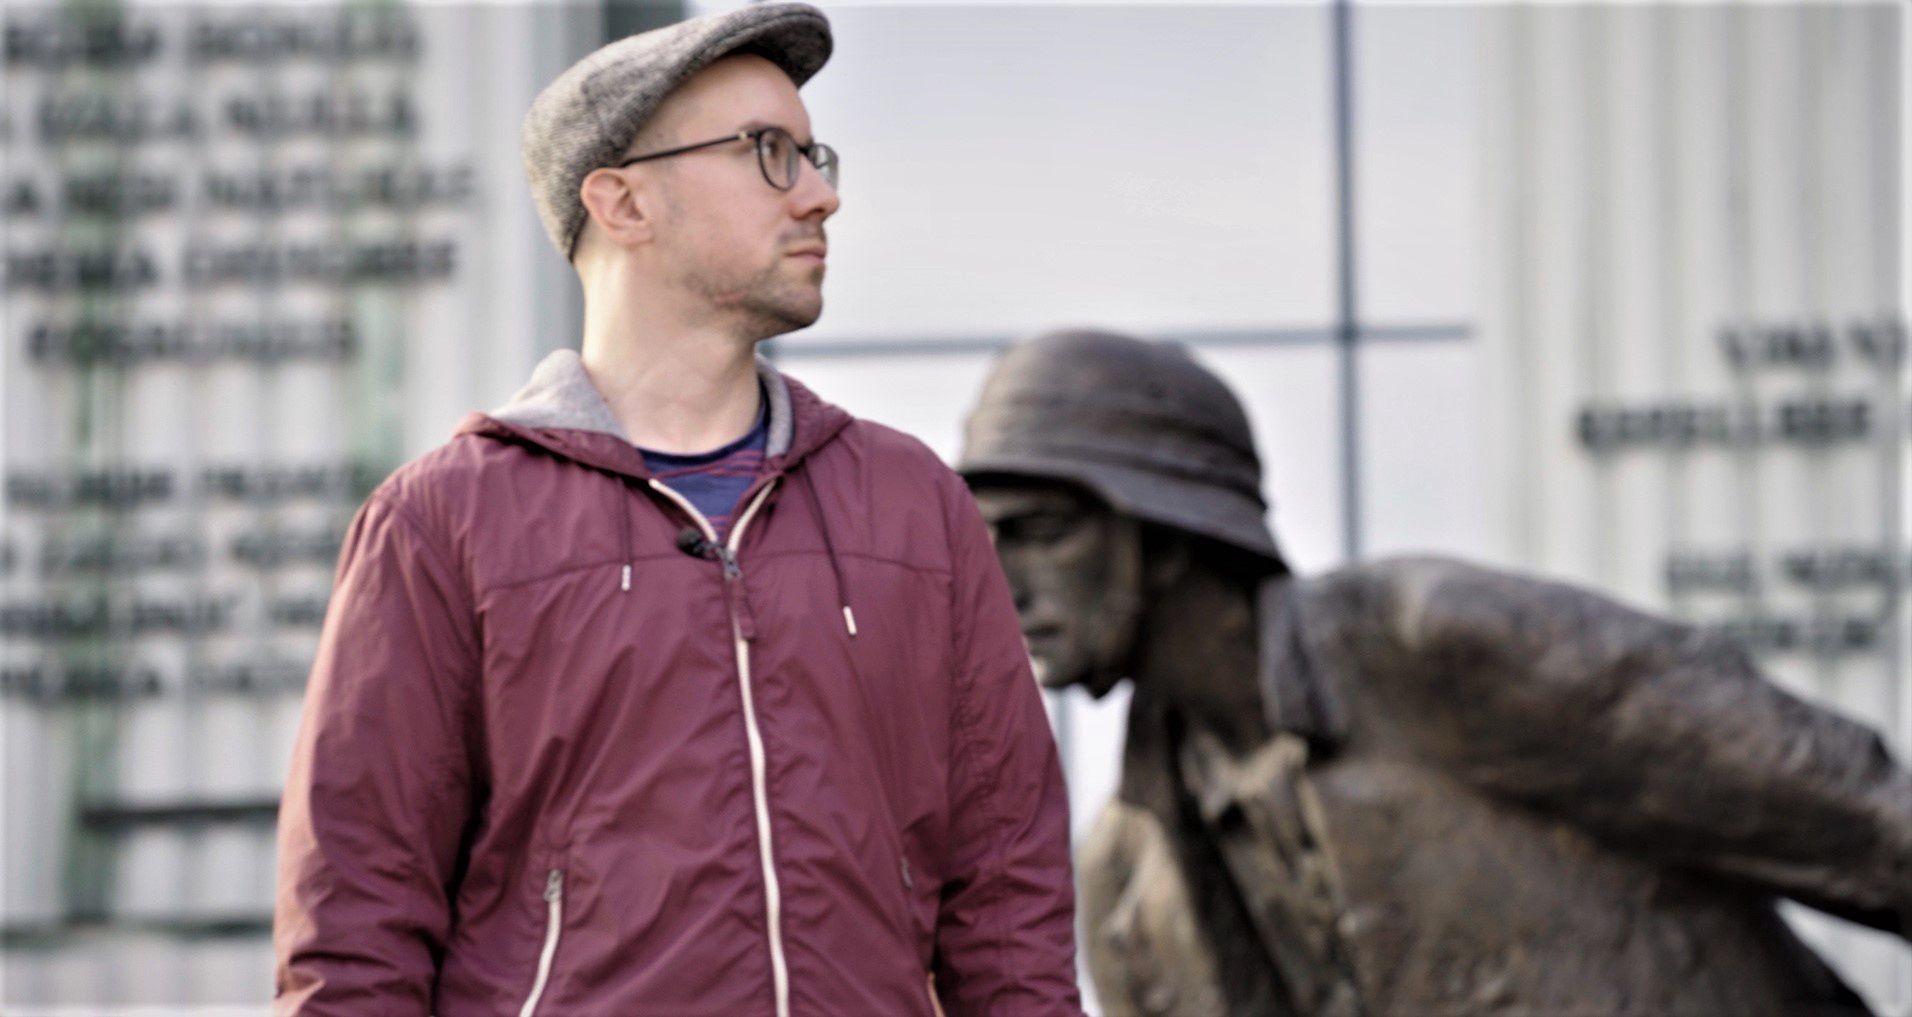 Leo Mausbach jest współinicjatorem budowy w Berlinie pomnika polskich ofiar niemieckiego nazizmu